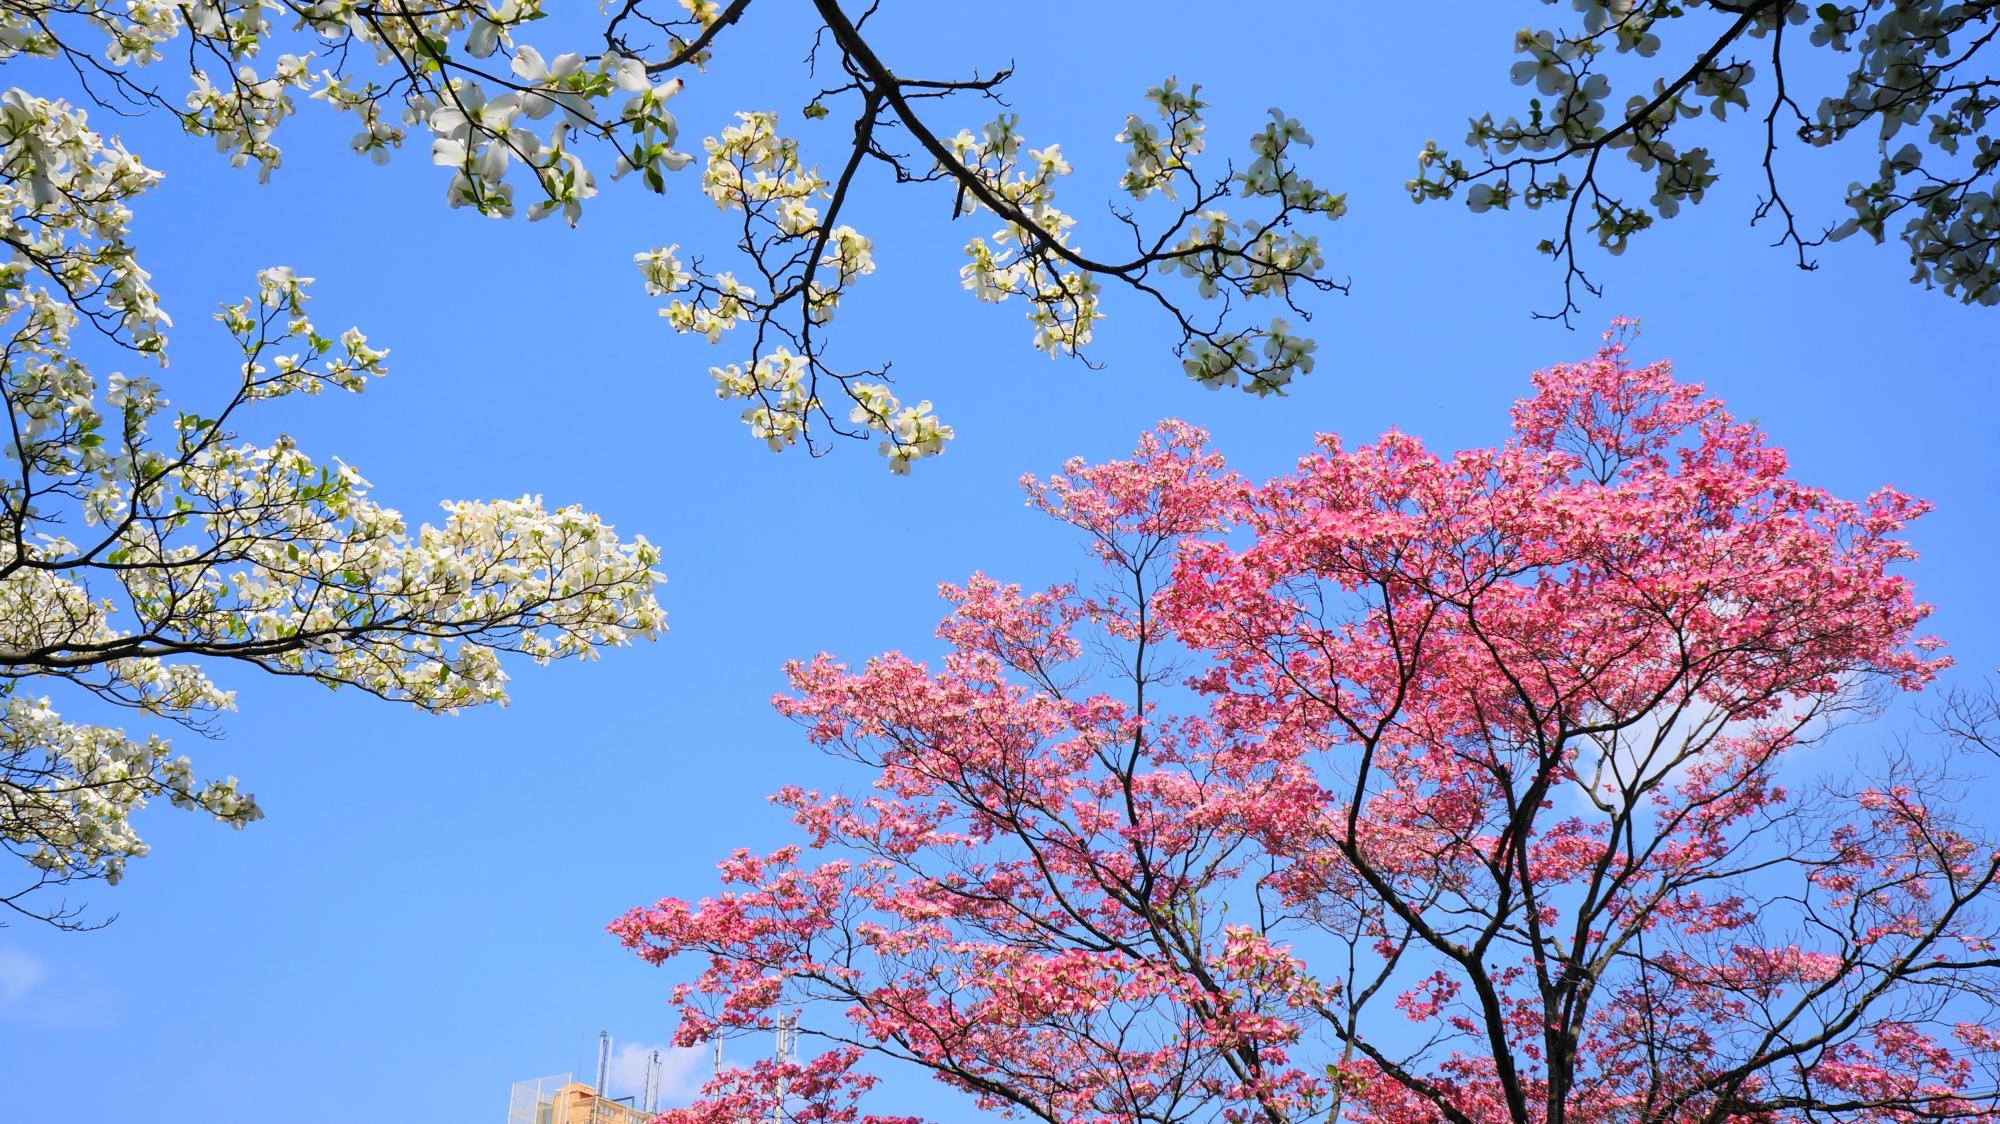 青空を染める綺麗な紅白のハナミズキ